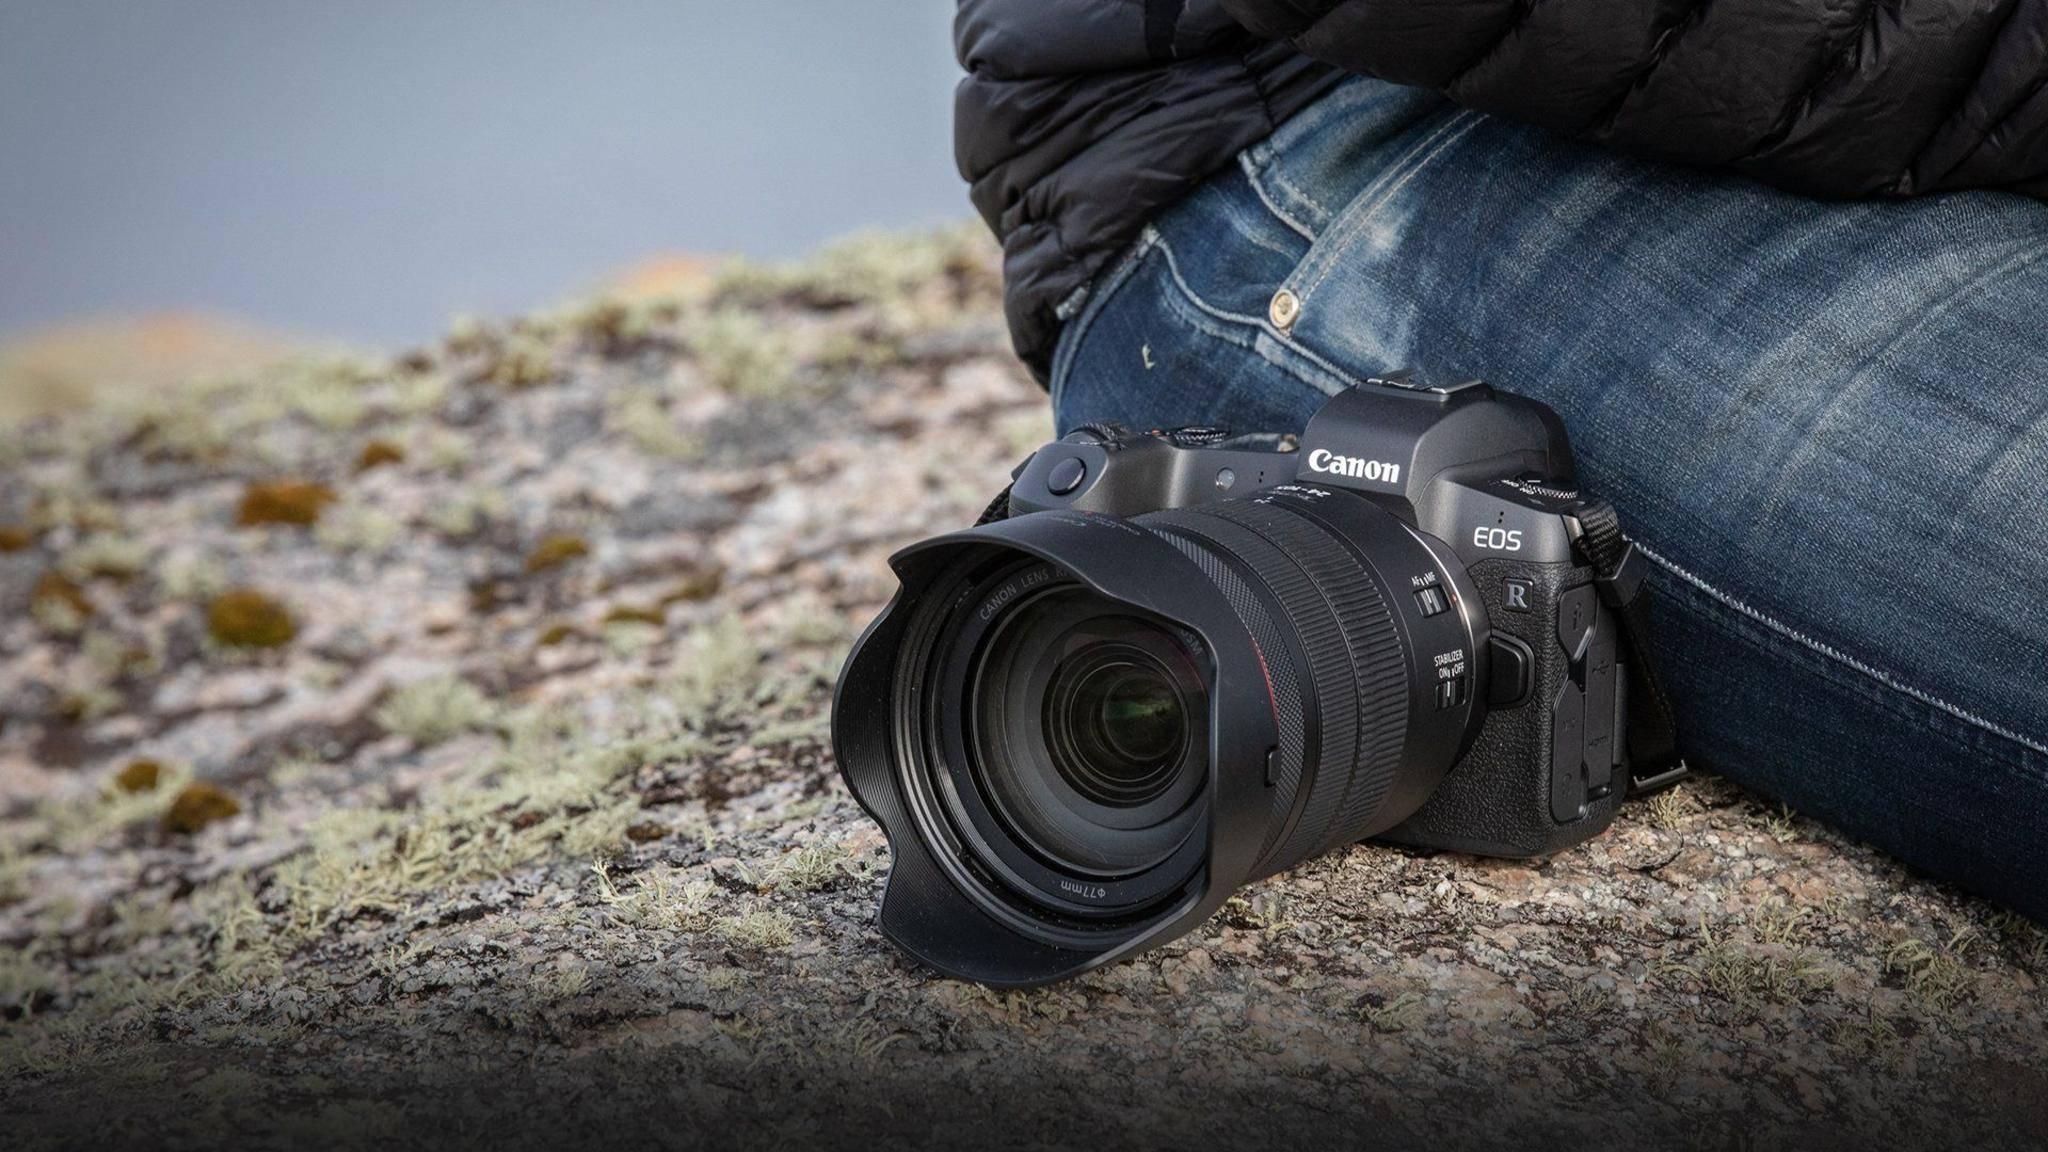 Eine zukünftige DSLM aus der Canon-EOS-R-Serie soll 8K-Videos aufzeichnen können (hier das aktuelle Modell).